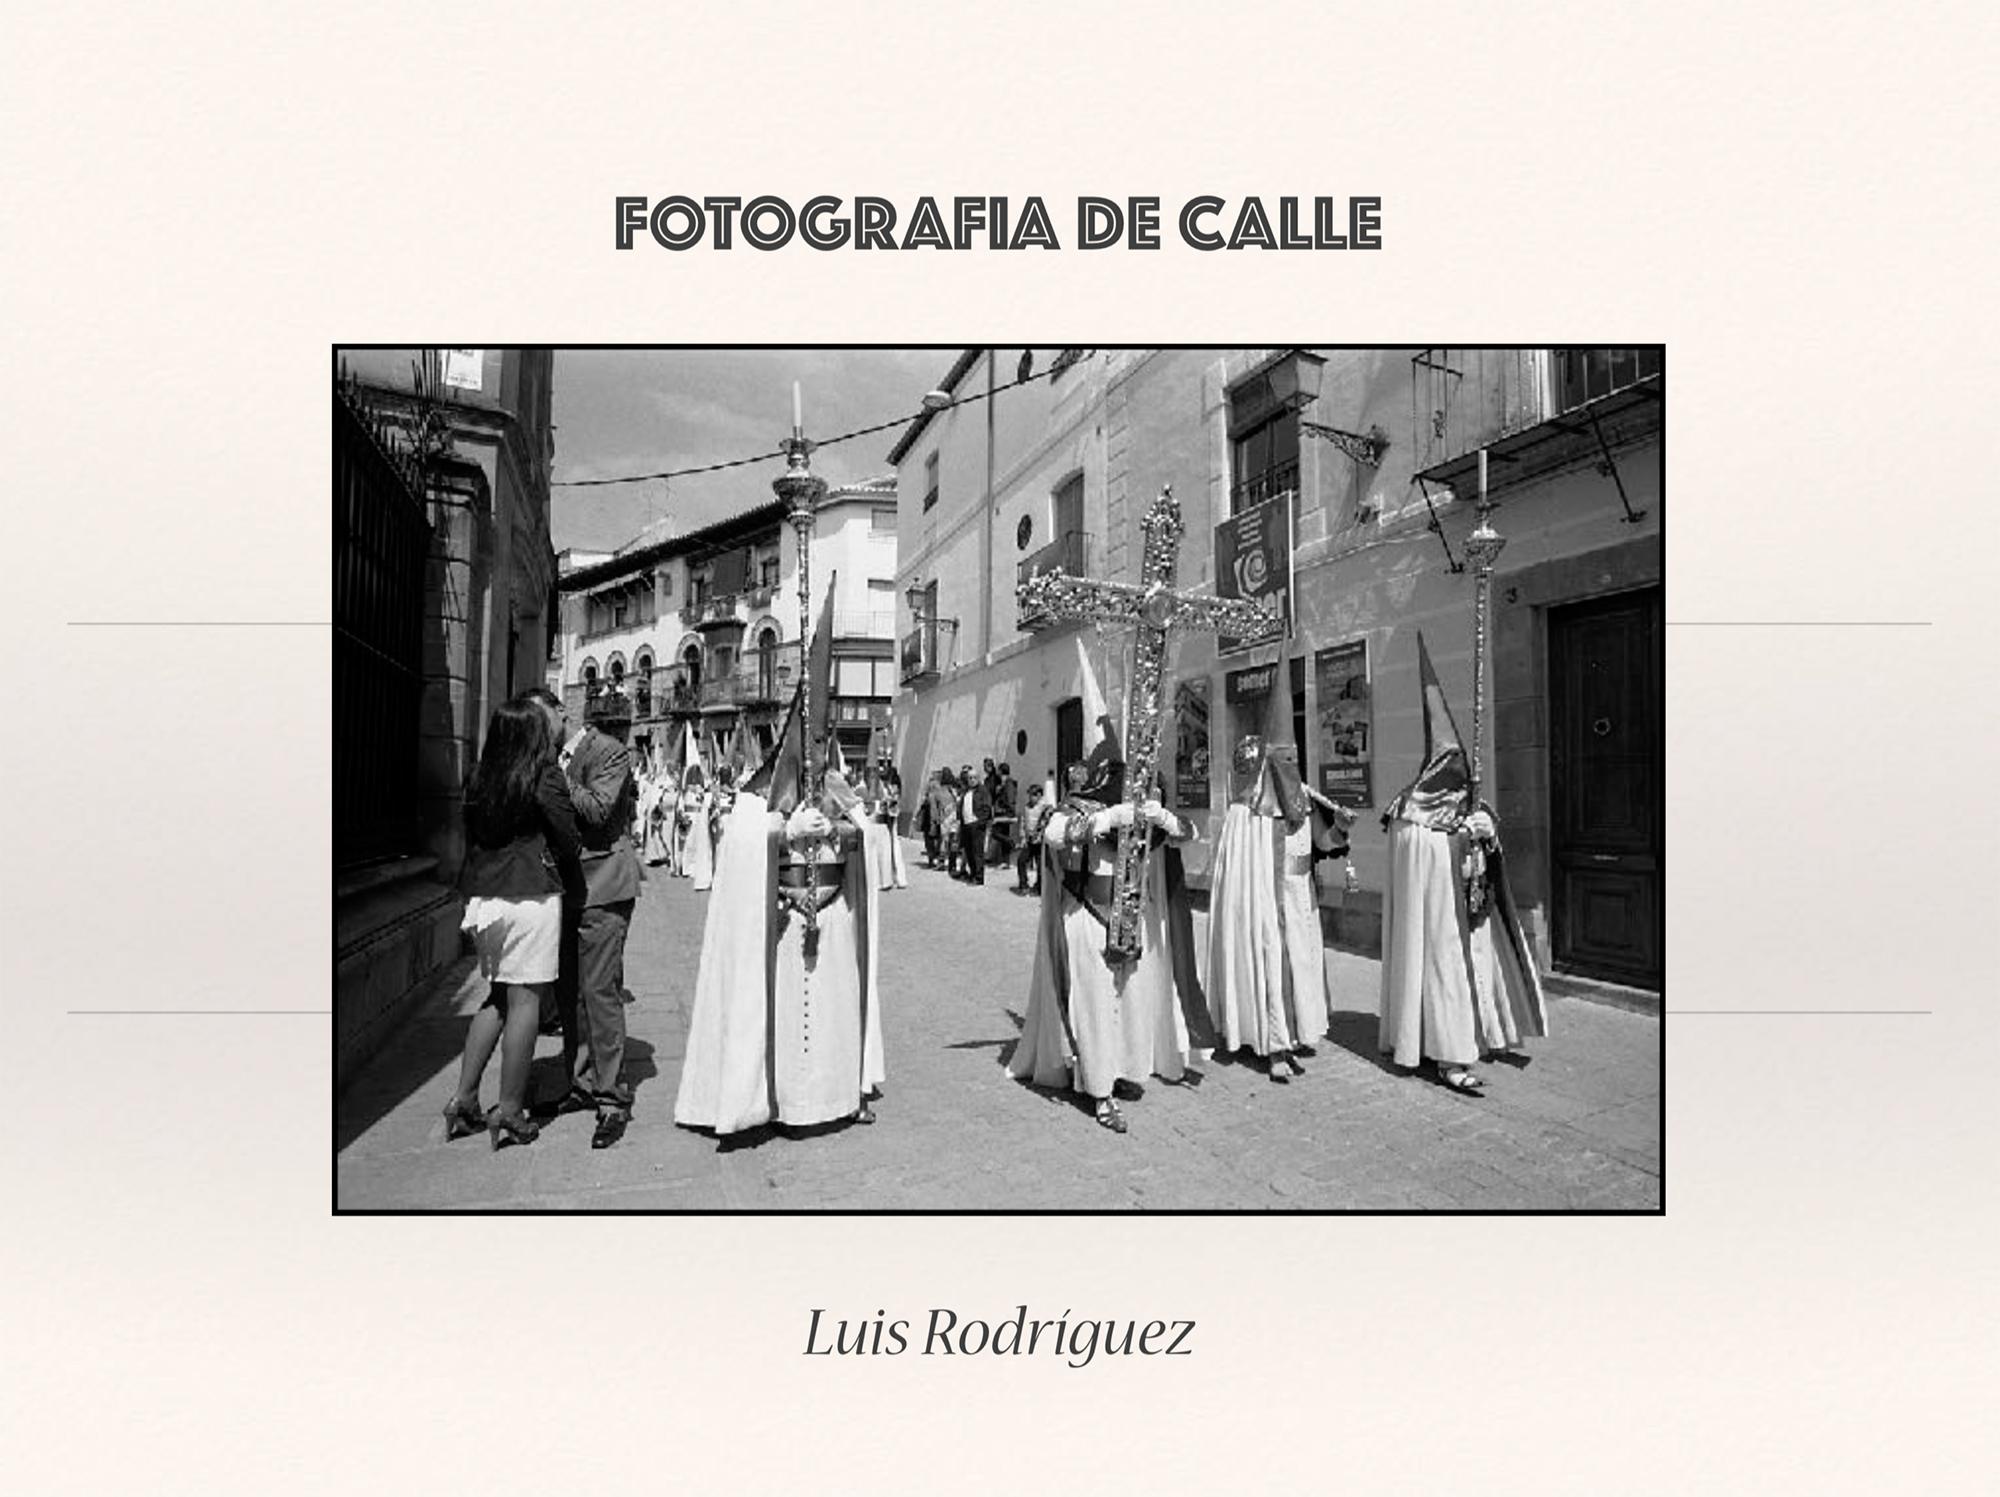 AUTOFORMACION: FOTOGRAFÍA DE CALLE